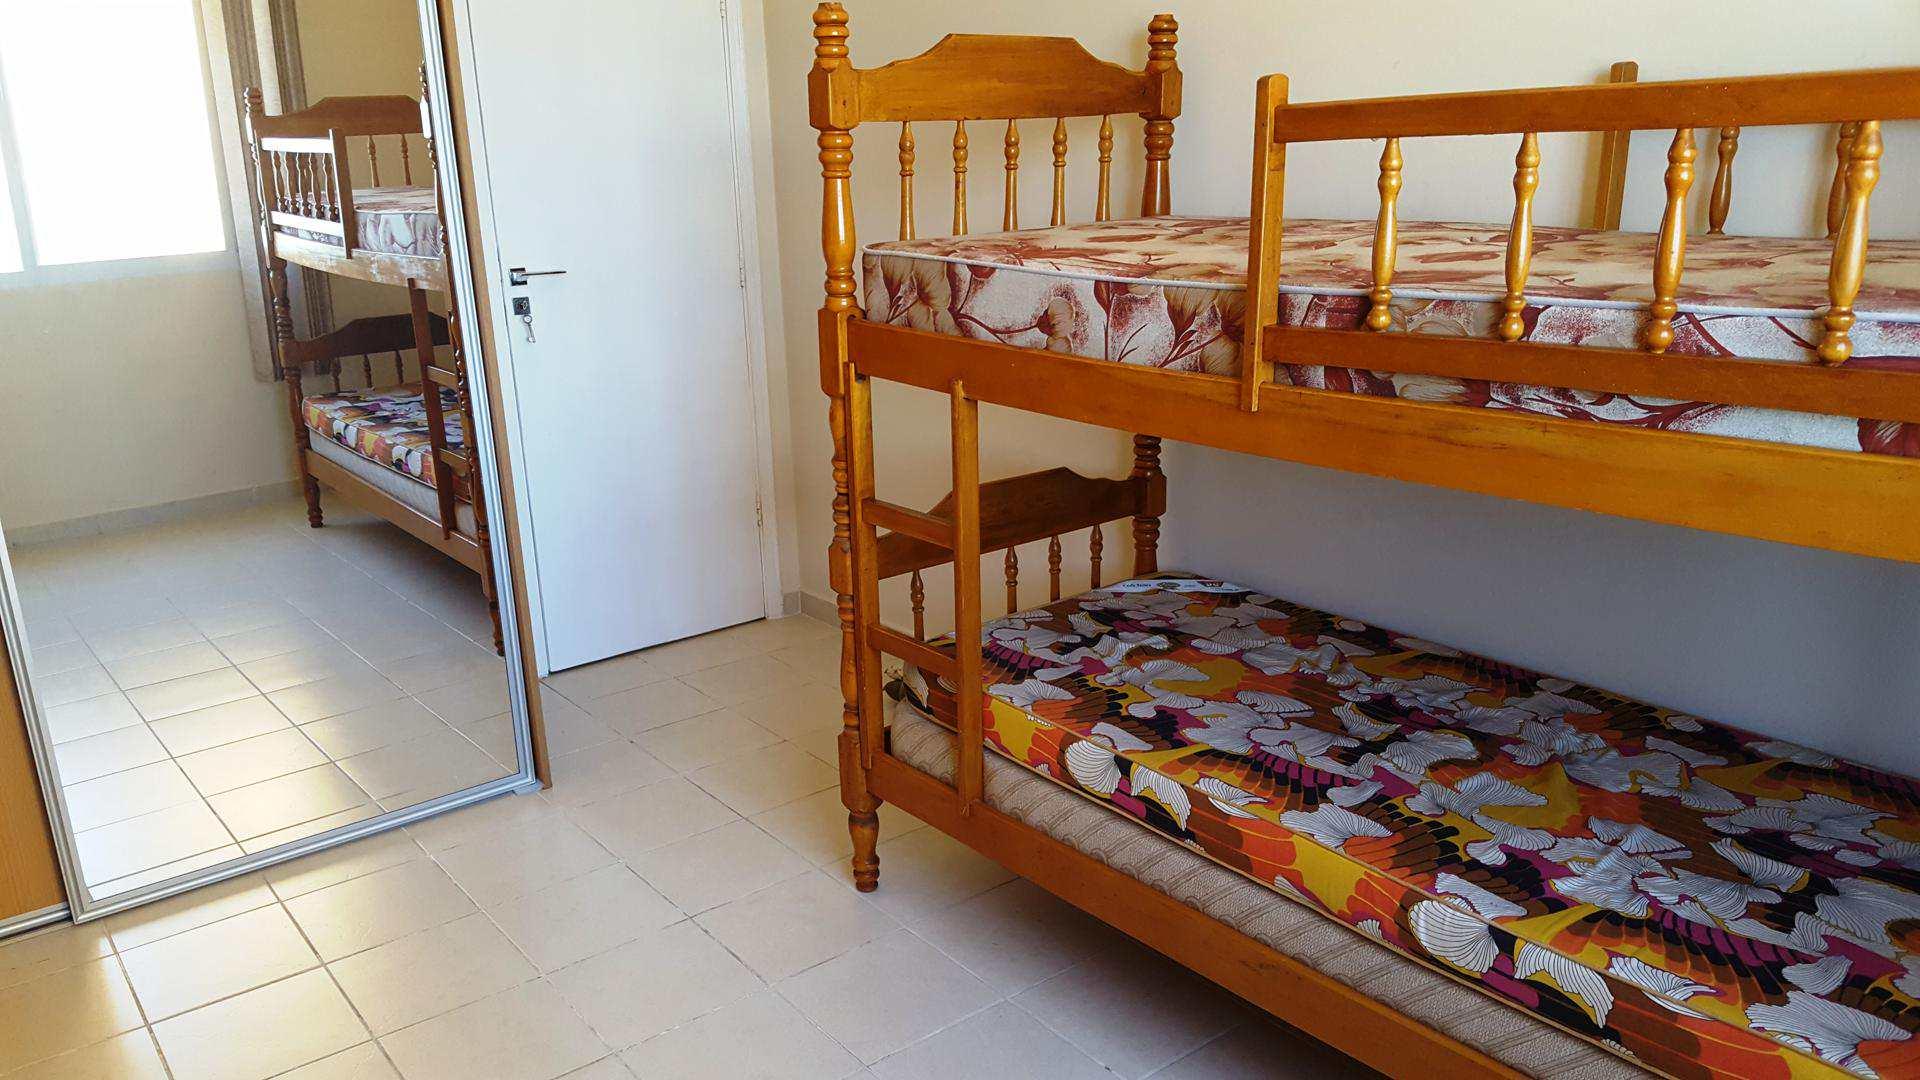 J - dorm 1 (2)